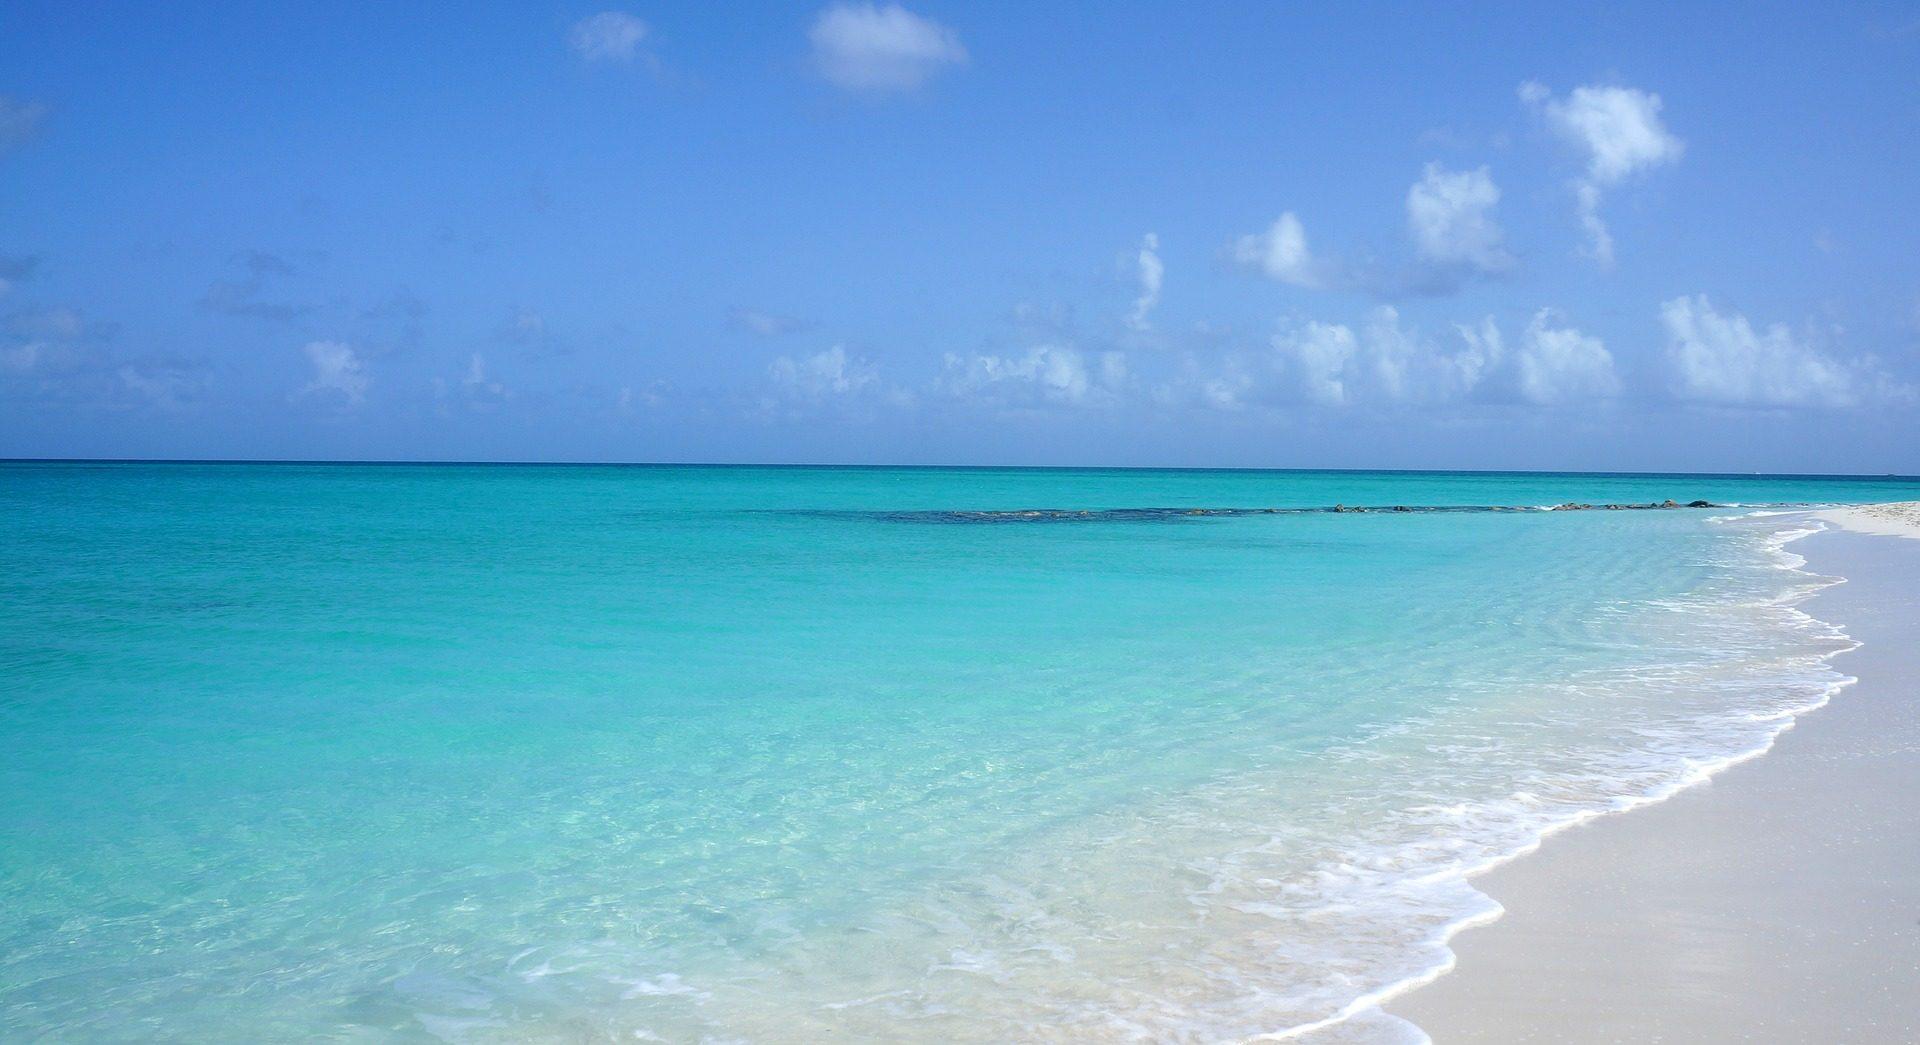 playa, turquesa, cielo, nubes, relax, solitaria - Fondos de Pantalla HD - professor-falken.com